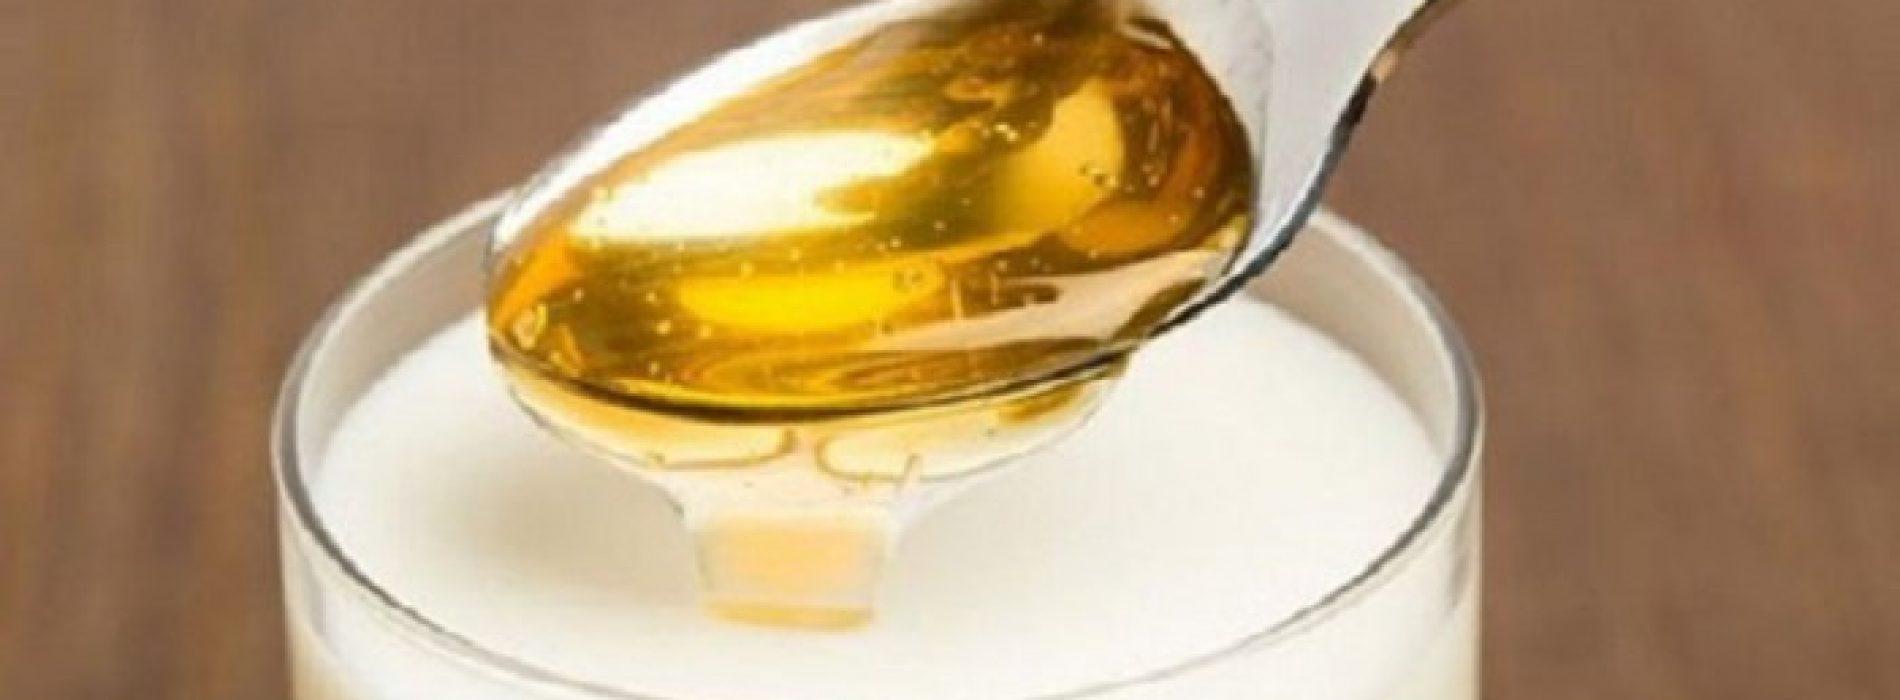 Een magisch slaapdrankje: Een kopje van dit mengsel en je zult in slaap vallen in minder dan een minuut!